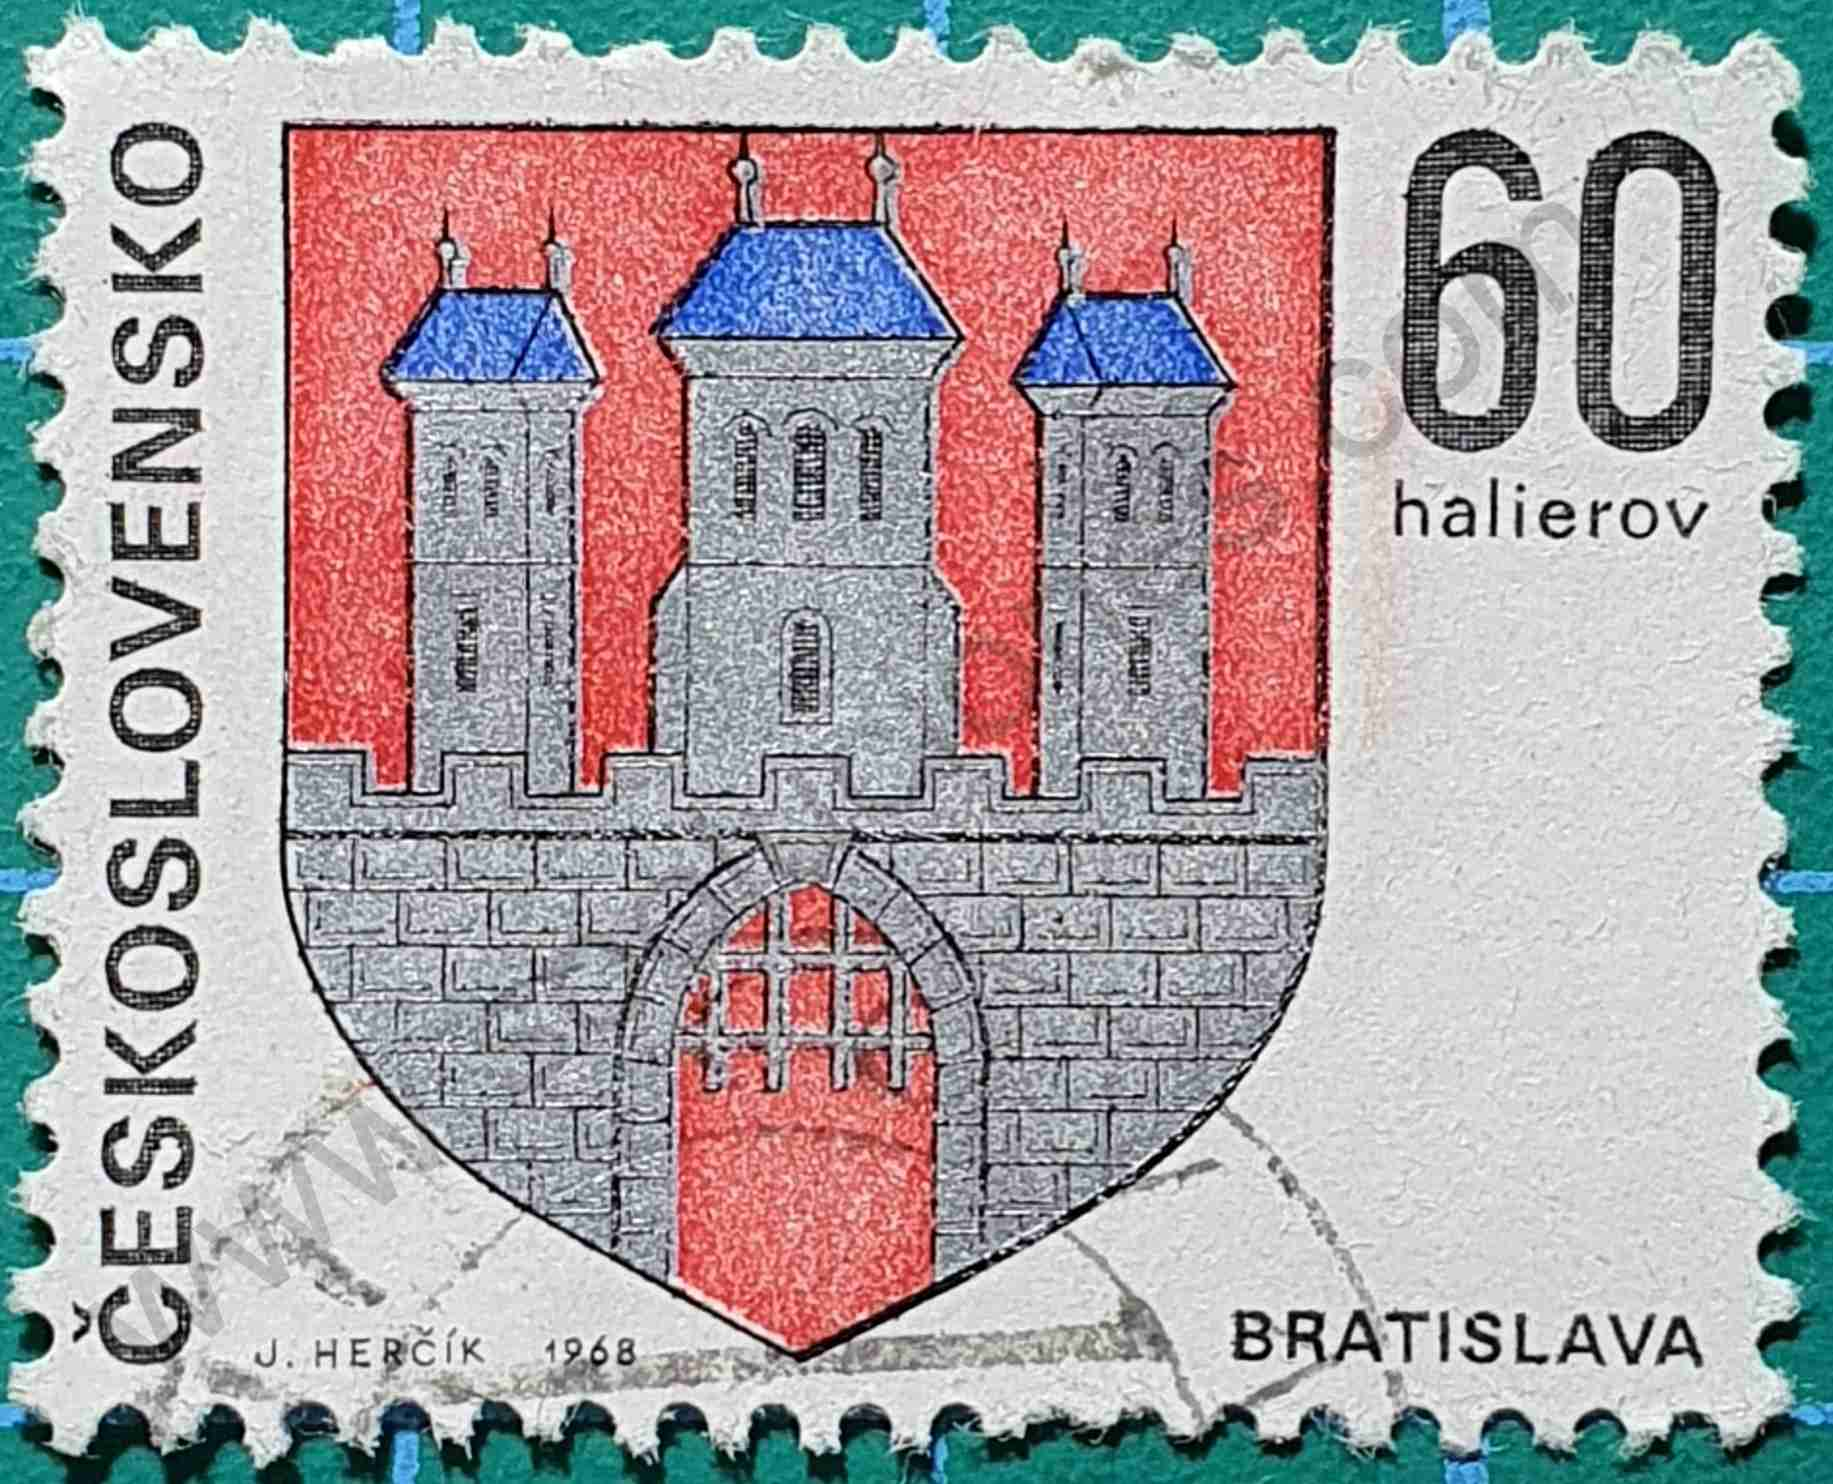 Escudo de Bratislava - Sello Checoslovaquia 1968